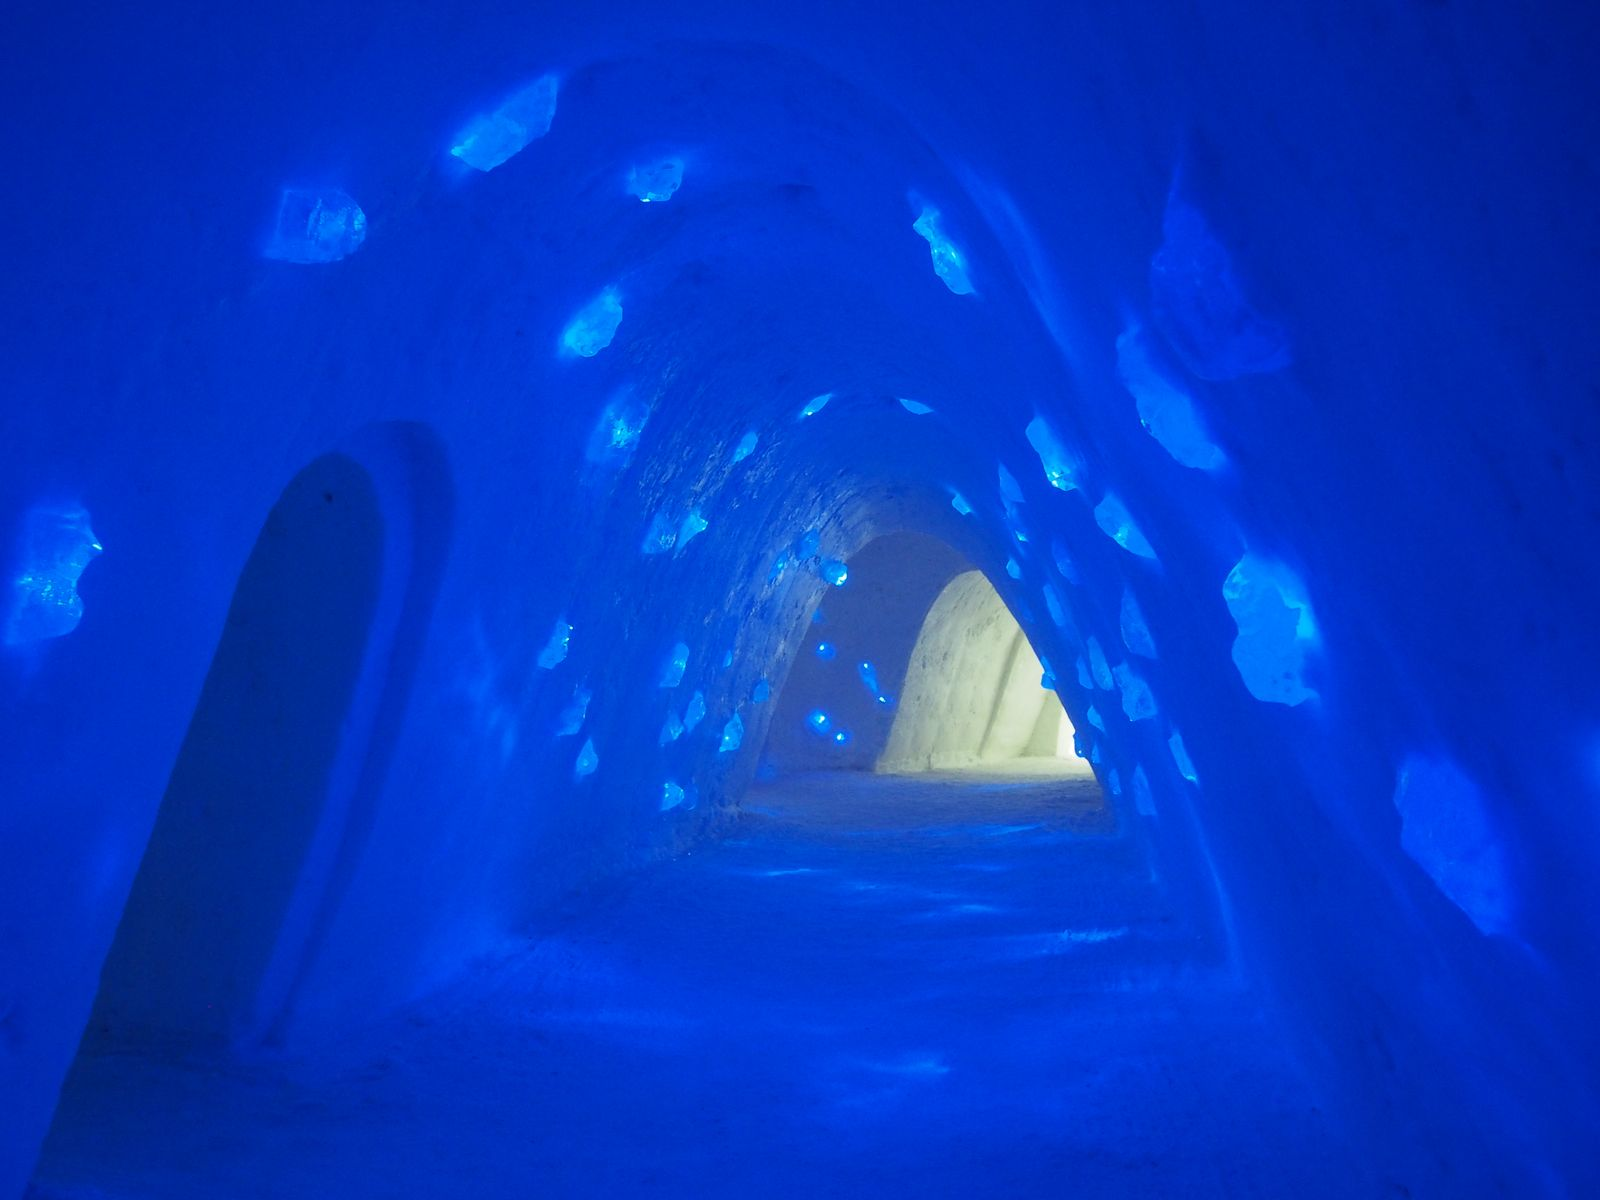 まるでアナ雪の世界!フィンランドで泊まるべきホテルまとめ